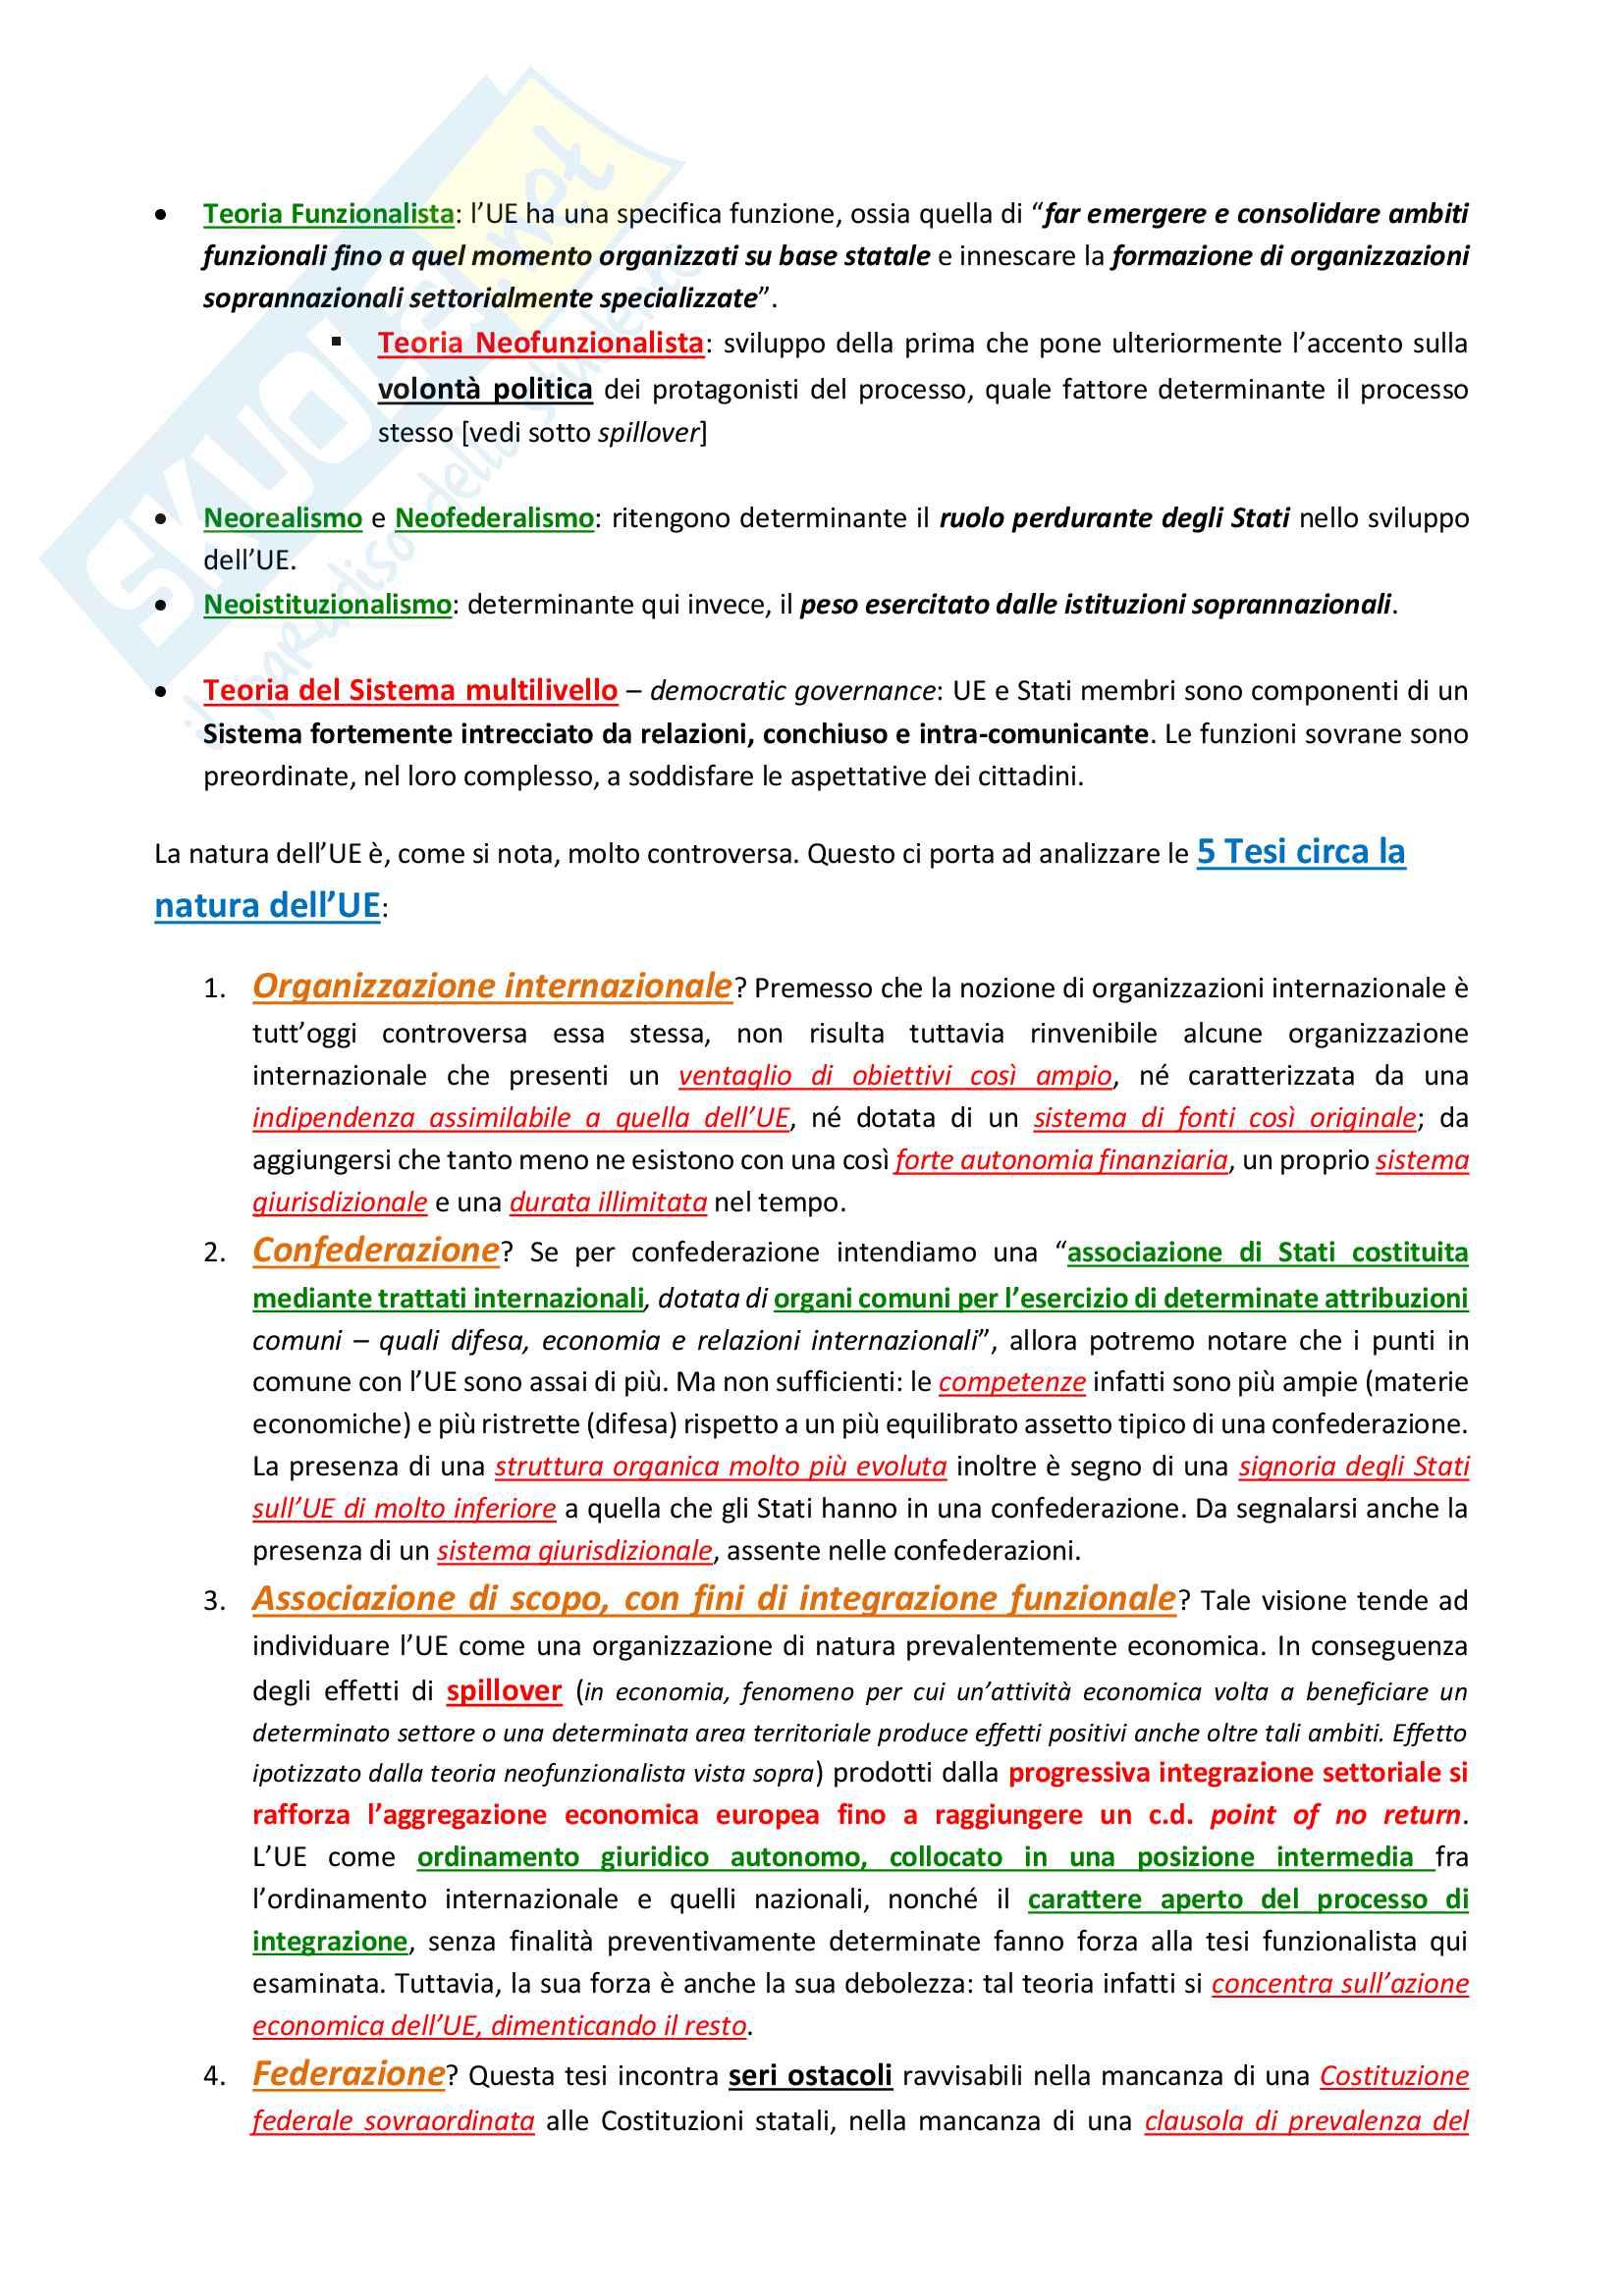 Riassunto esame di Diritto costituzionale 2 II, prof. P. Costanzo e L. Trucco, libro consigliato Lineamenti di diritto costituzionale dell'Unione Europea, P. Costanzo Pag. 16